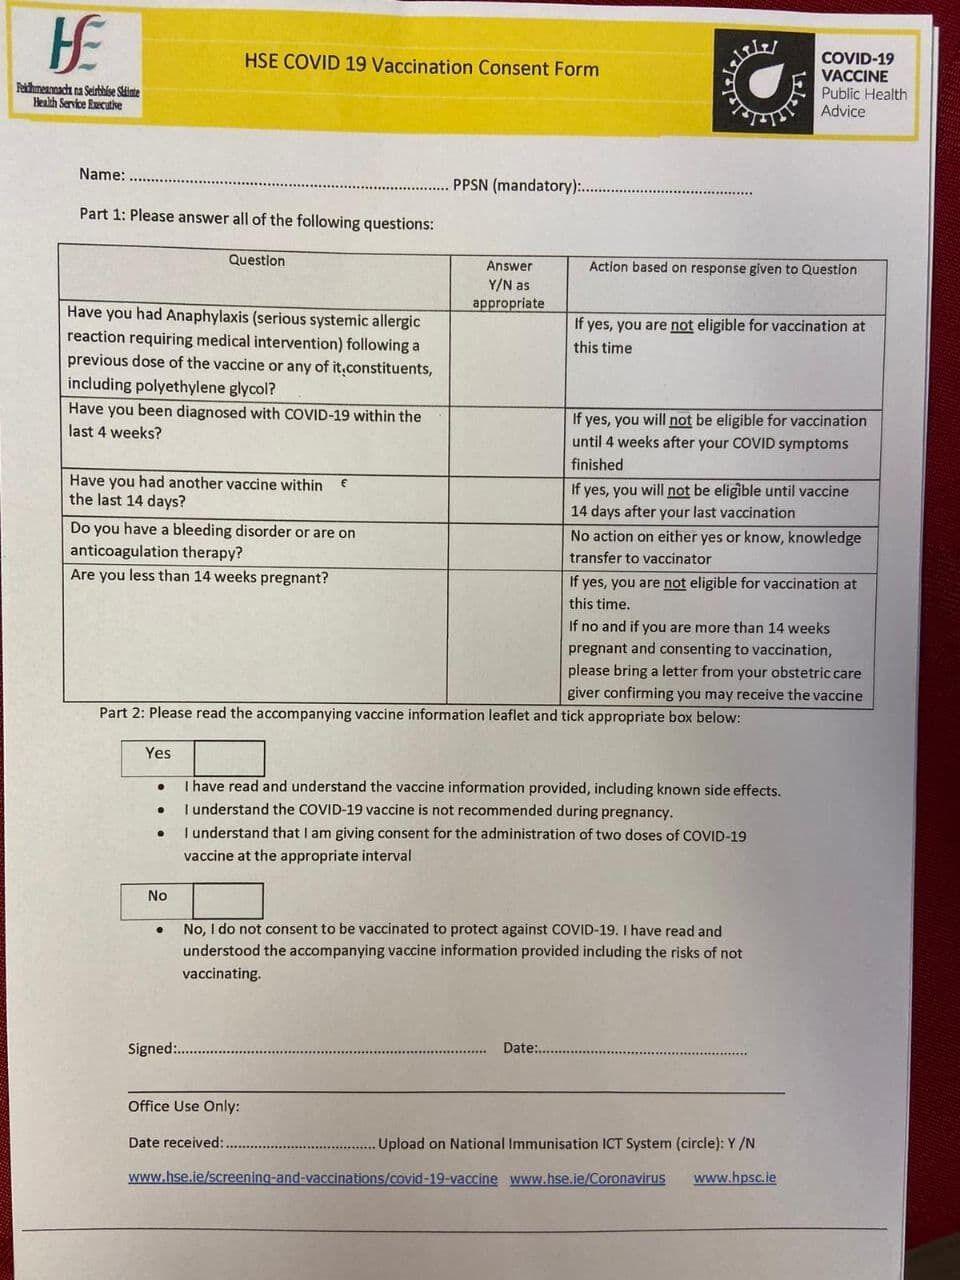 Документ, который подтверждает согласие на вакцинацию от COVID-19